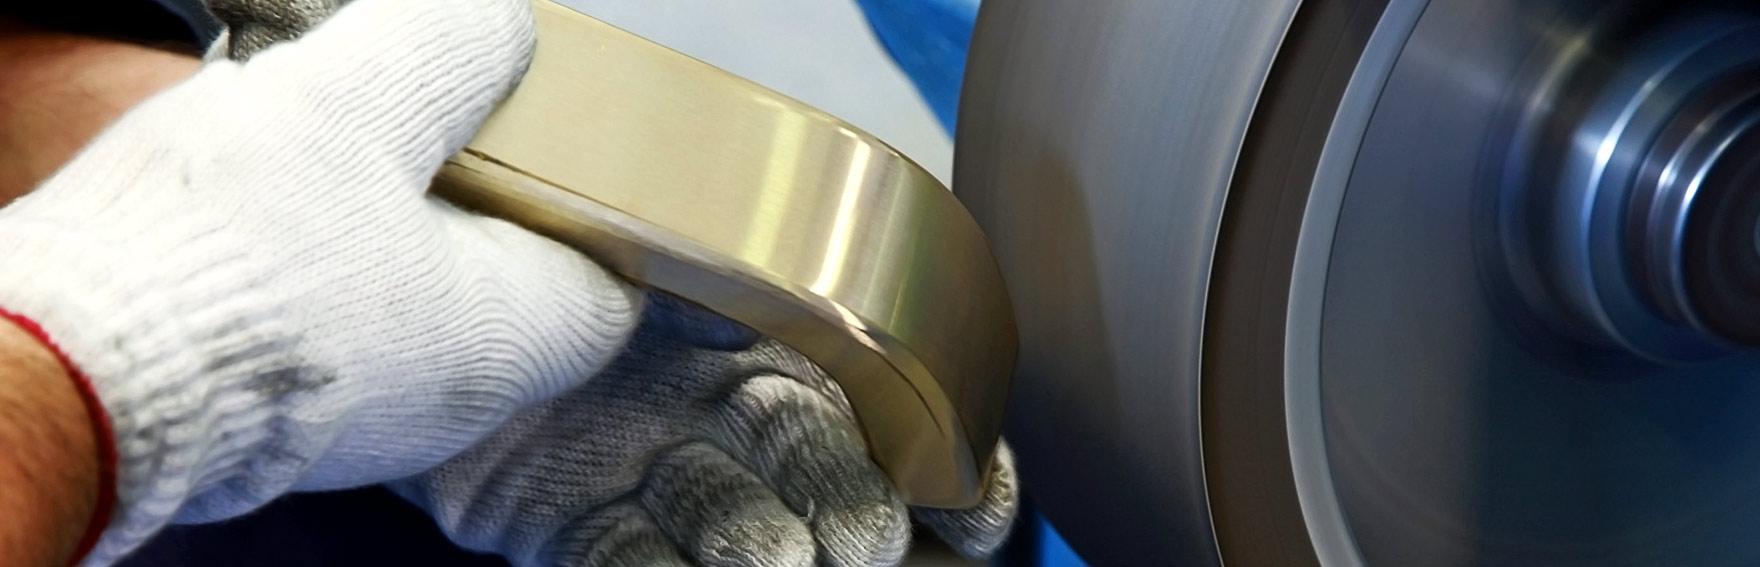 Smerigliatura e satinatura metalli a Brescia